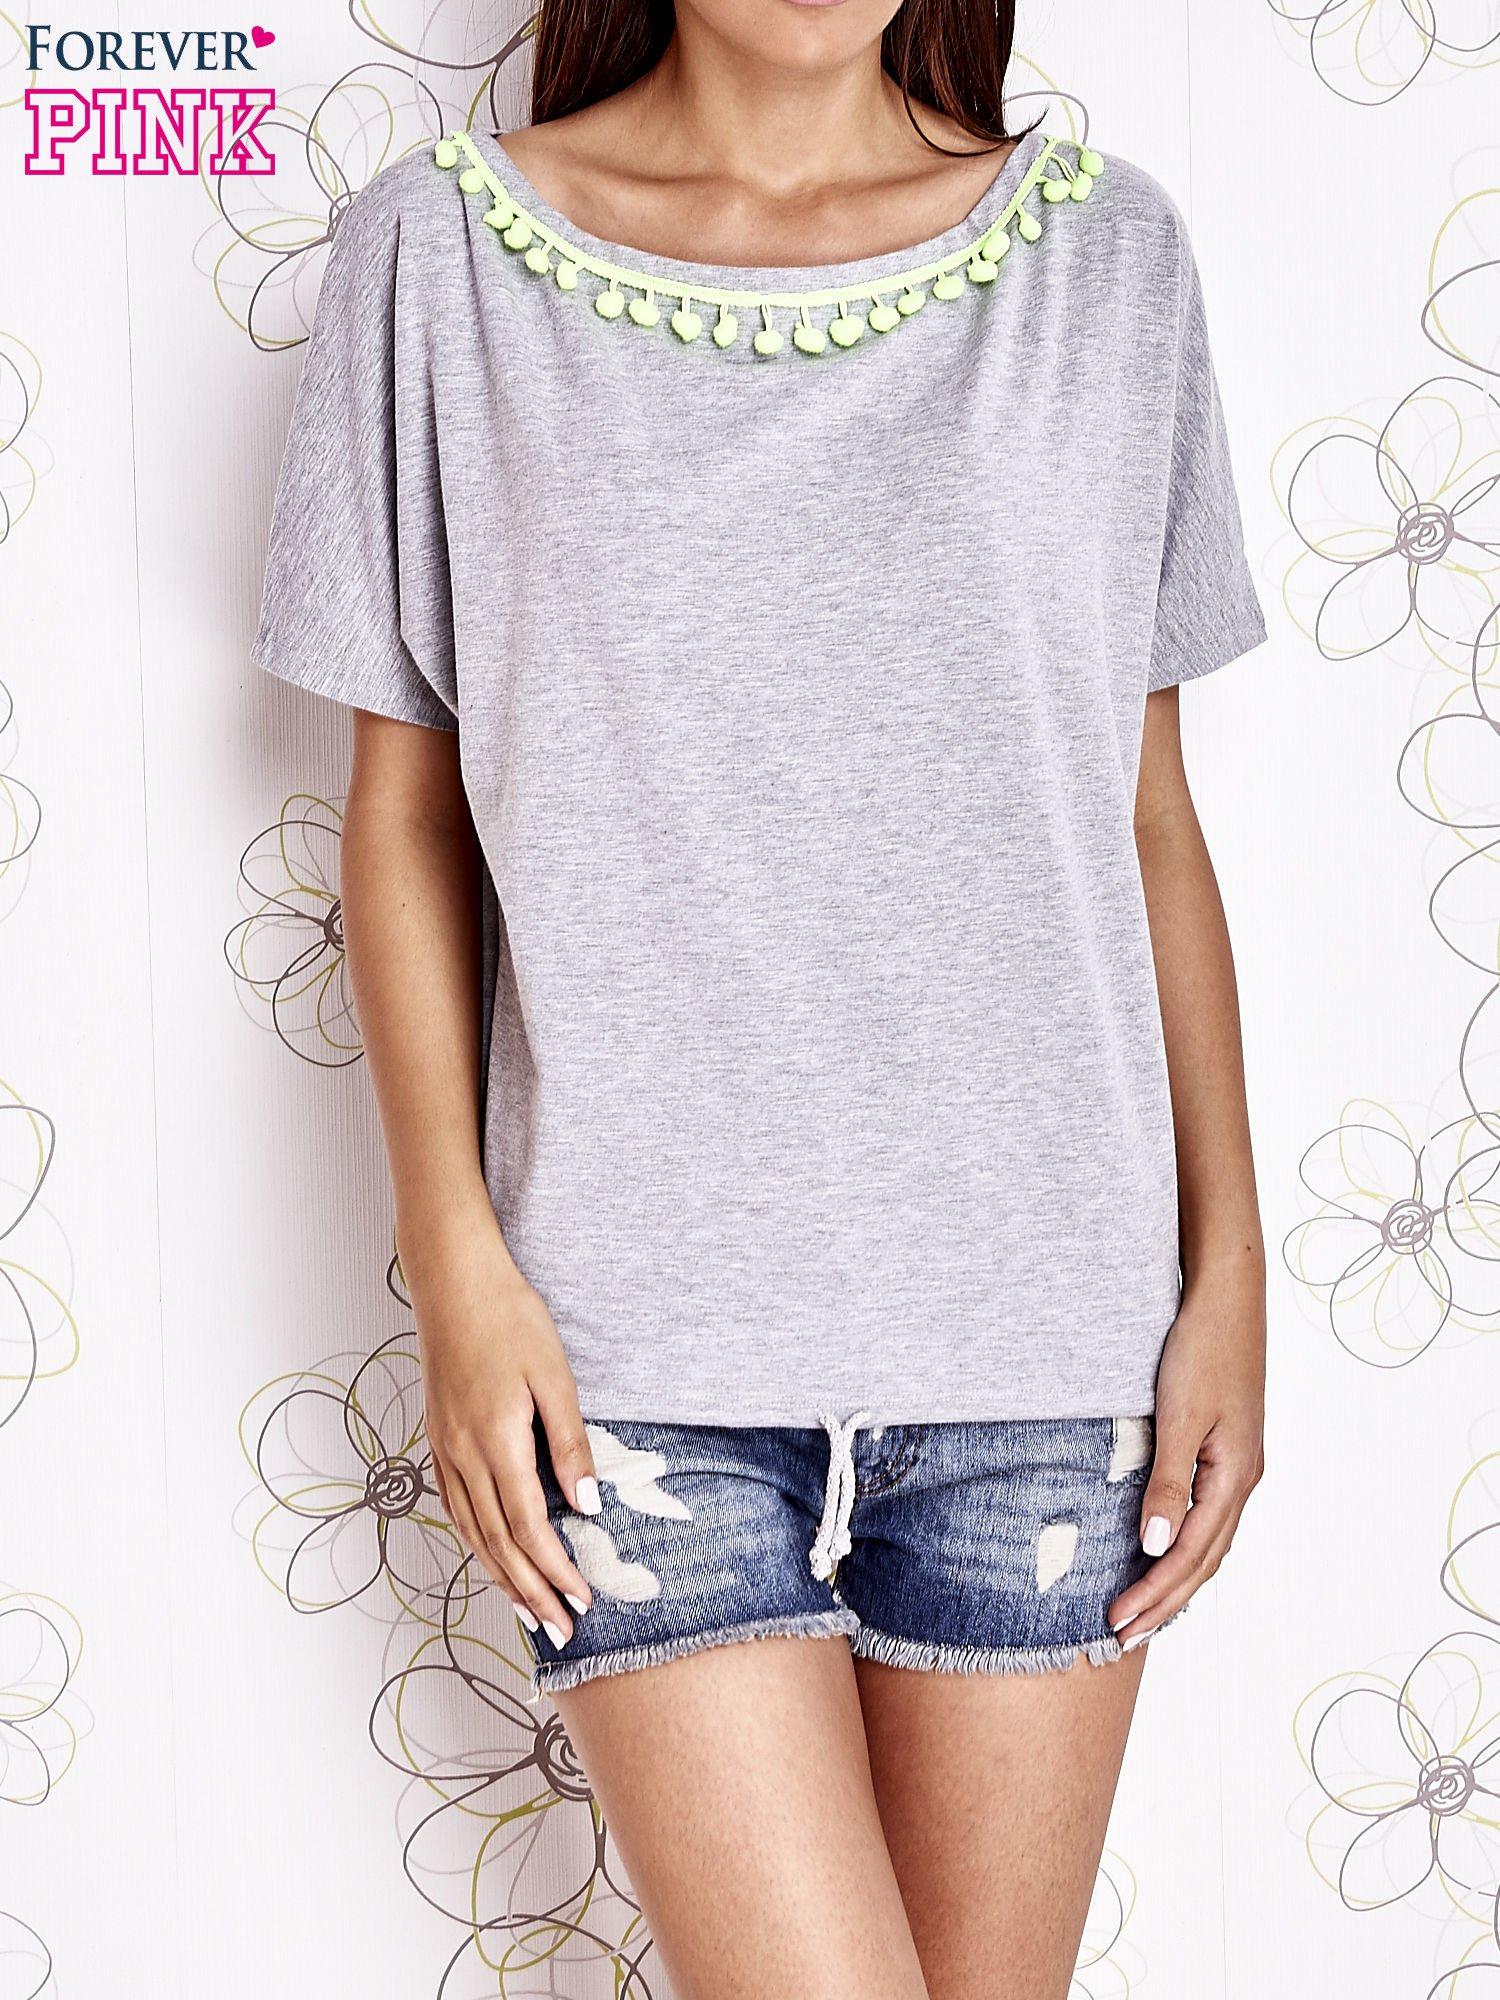 Szary t-shirt z limonkowymi pomponikami przy dekolcie                                  zdj.                                  1